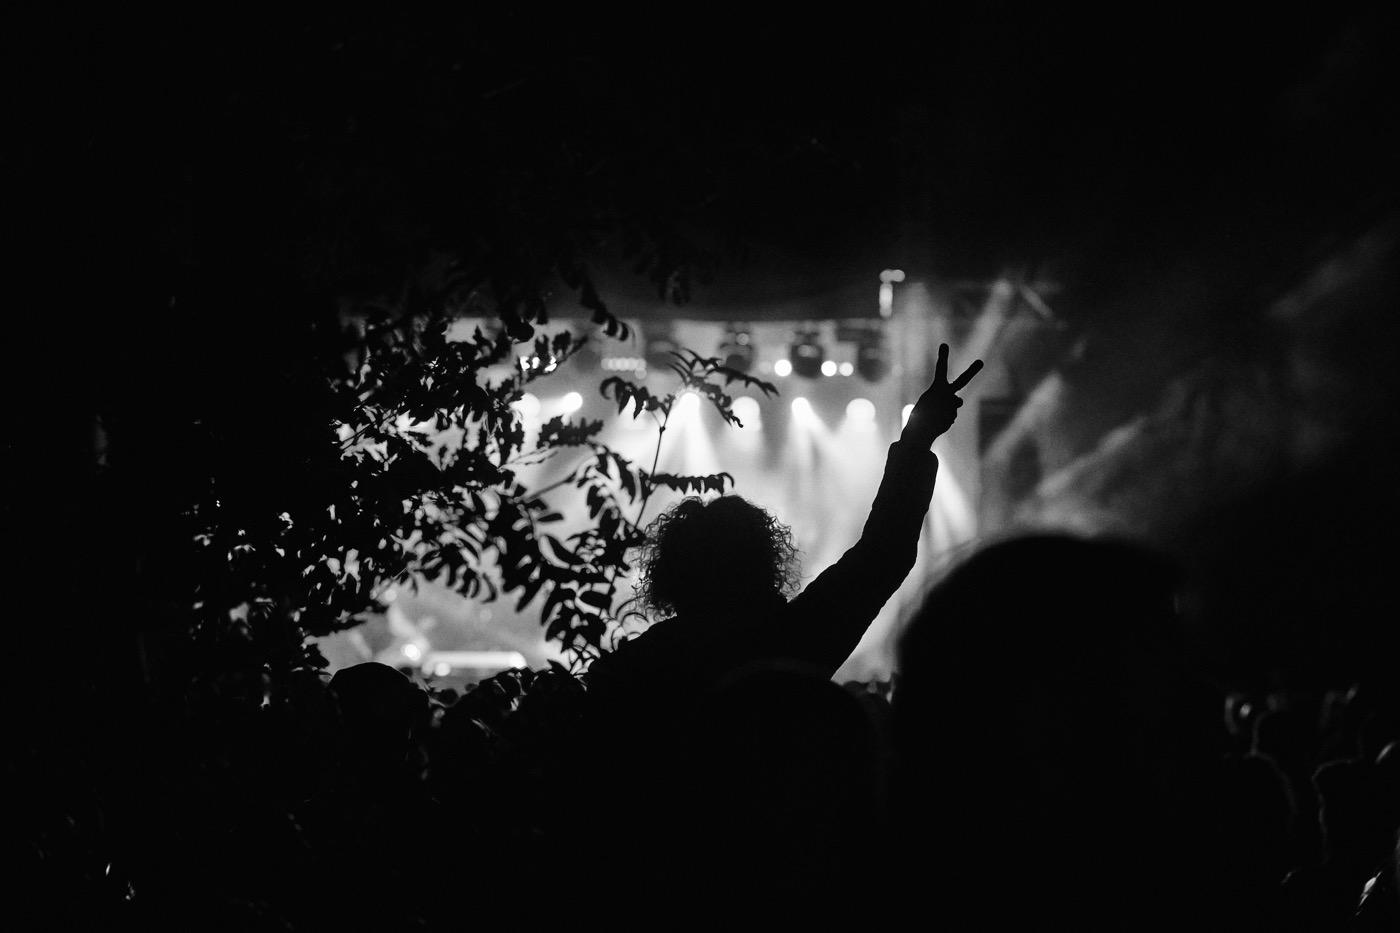 koncert na wichrowym wzgórzu